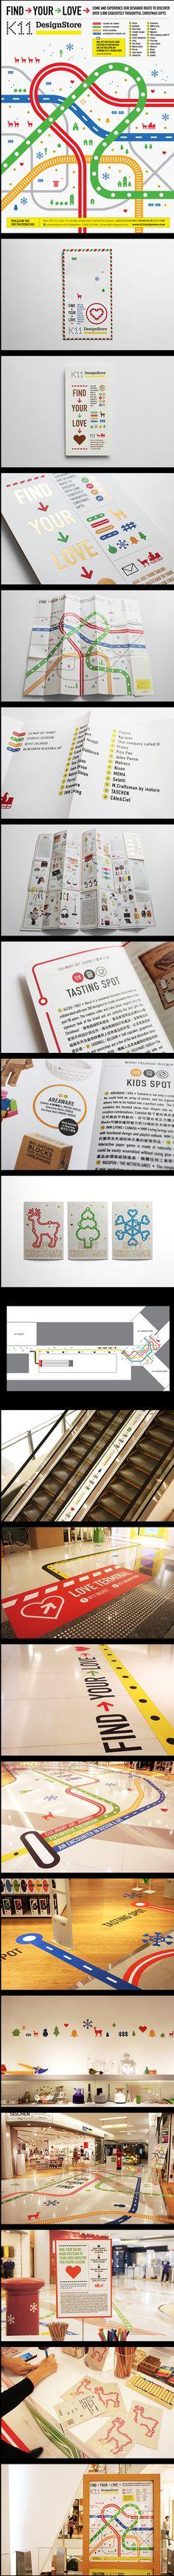 K11 Design Store Xmas 2012 by Ken Lo (Hong Kong)